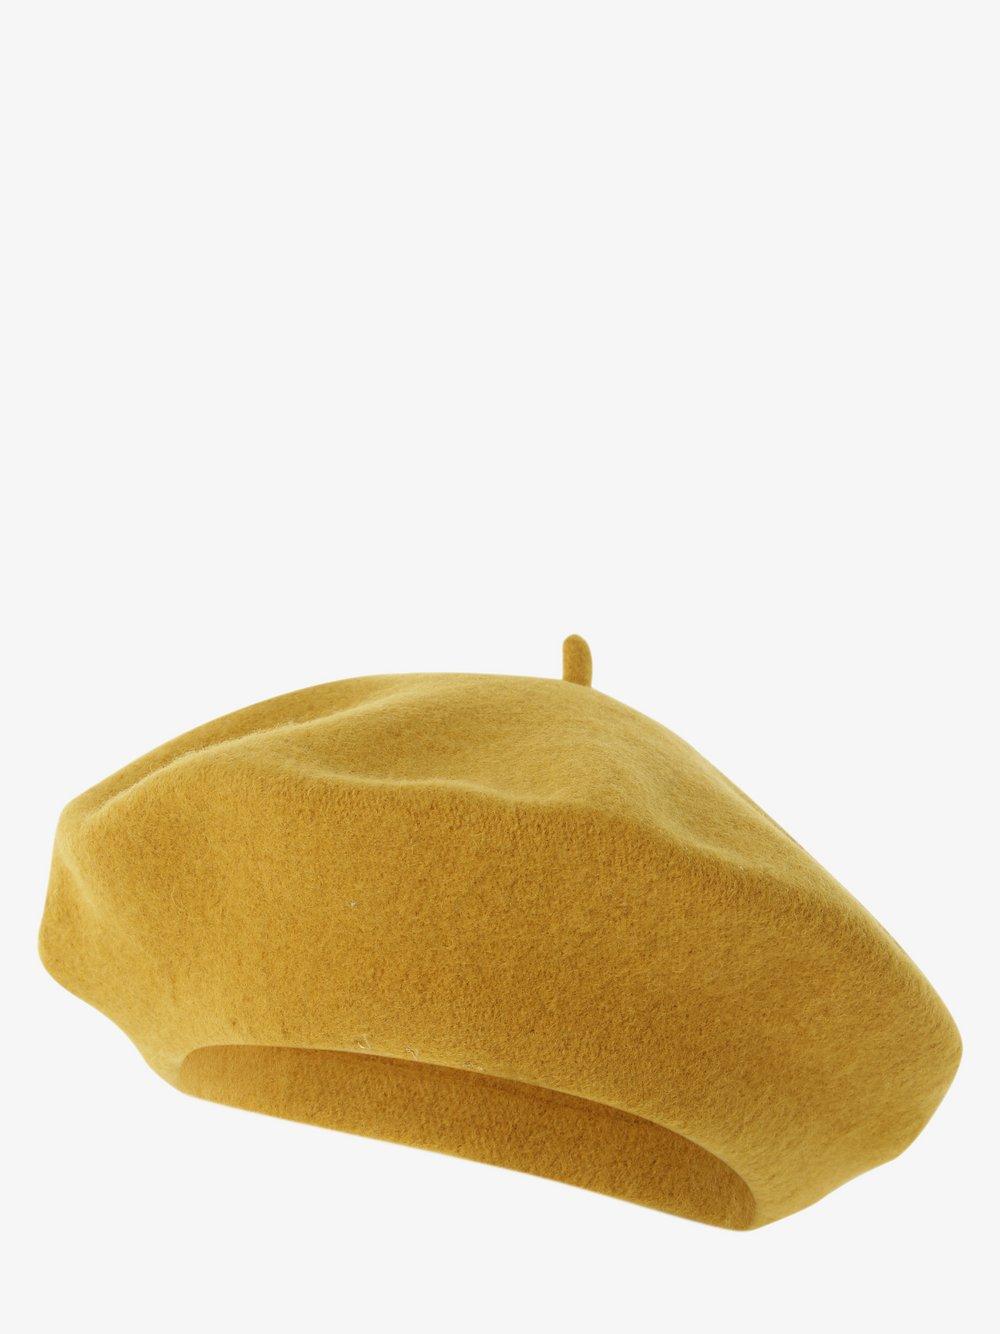 Loevenich – Czapka damska z wełny merino, żółty Van Graaf 486206-0008-00000